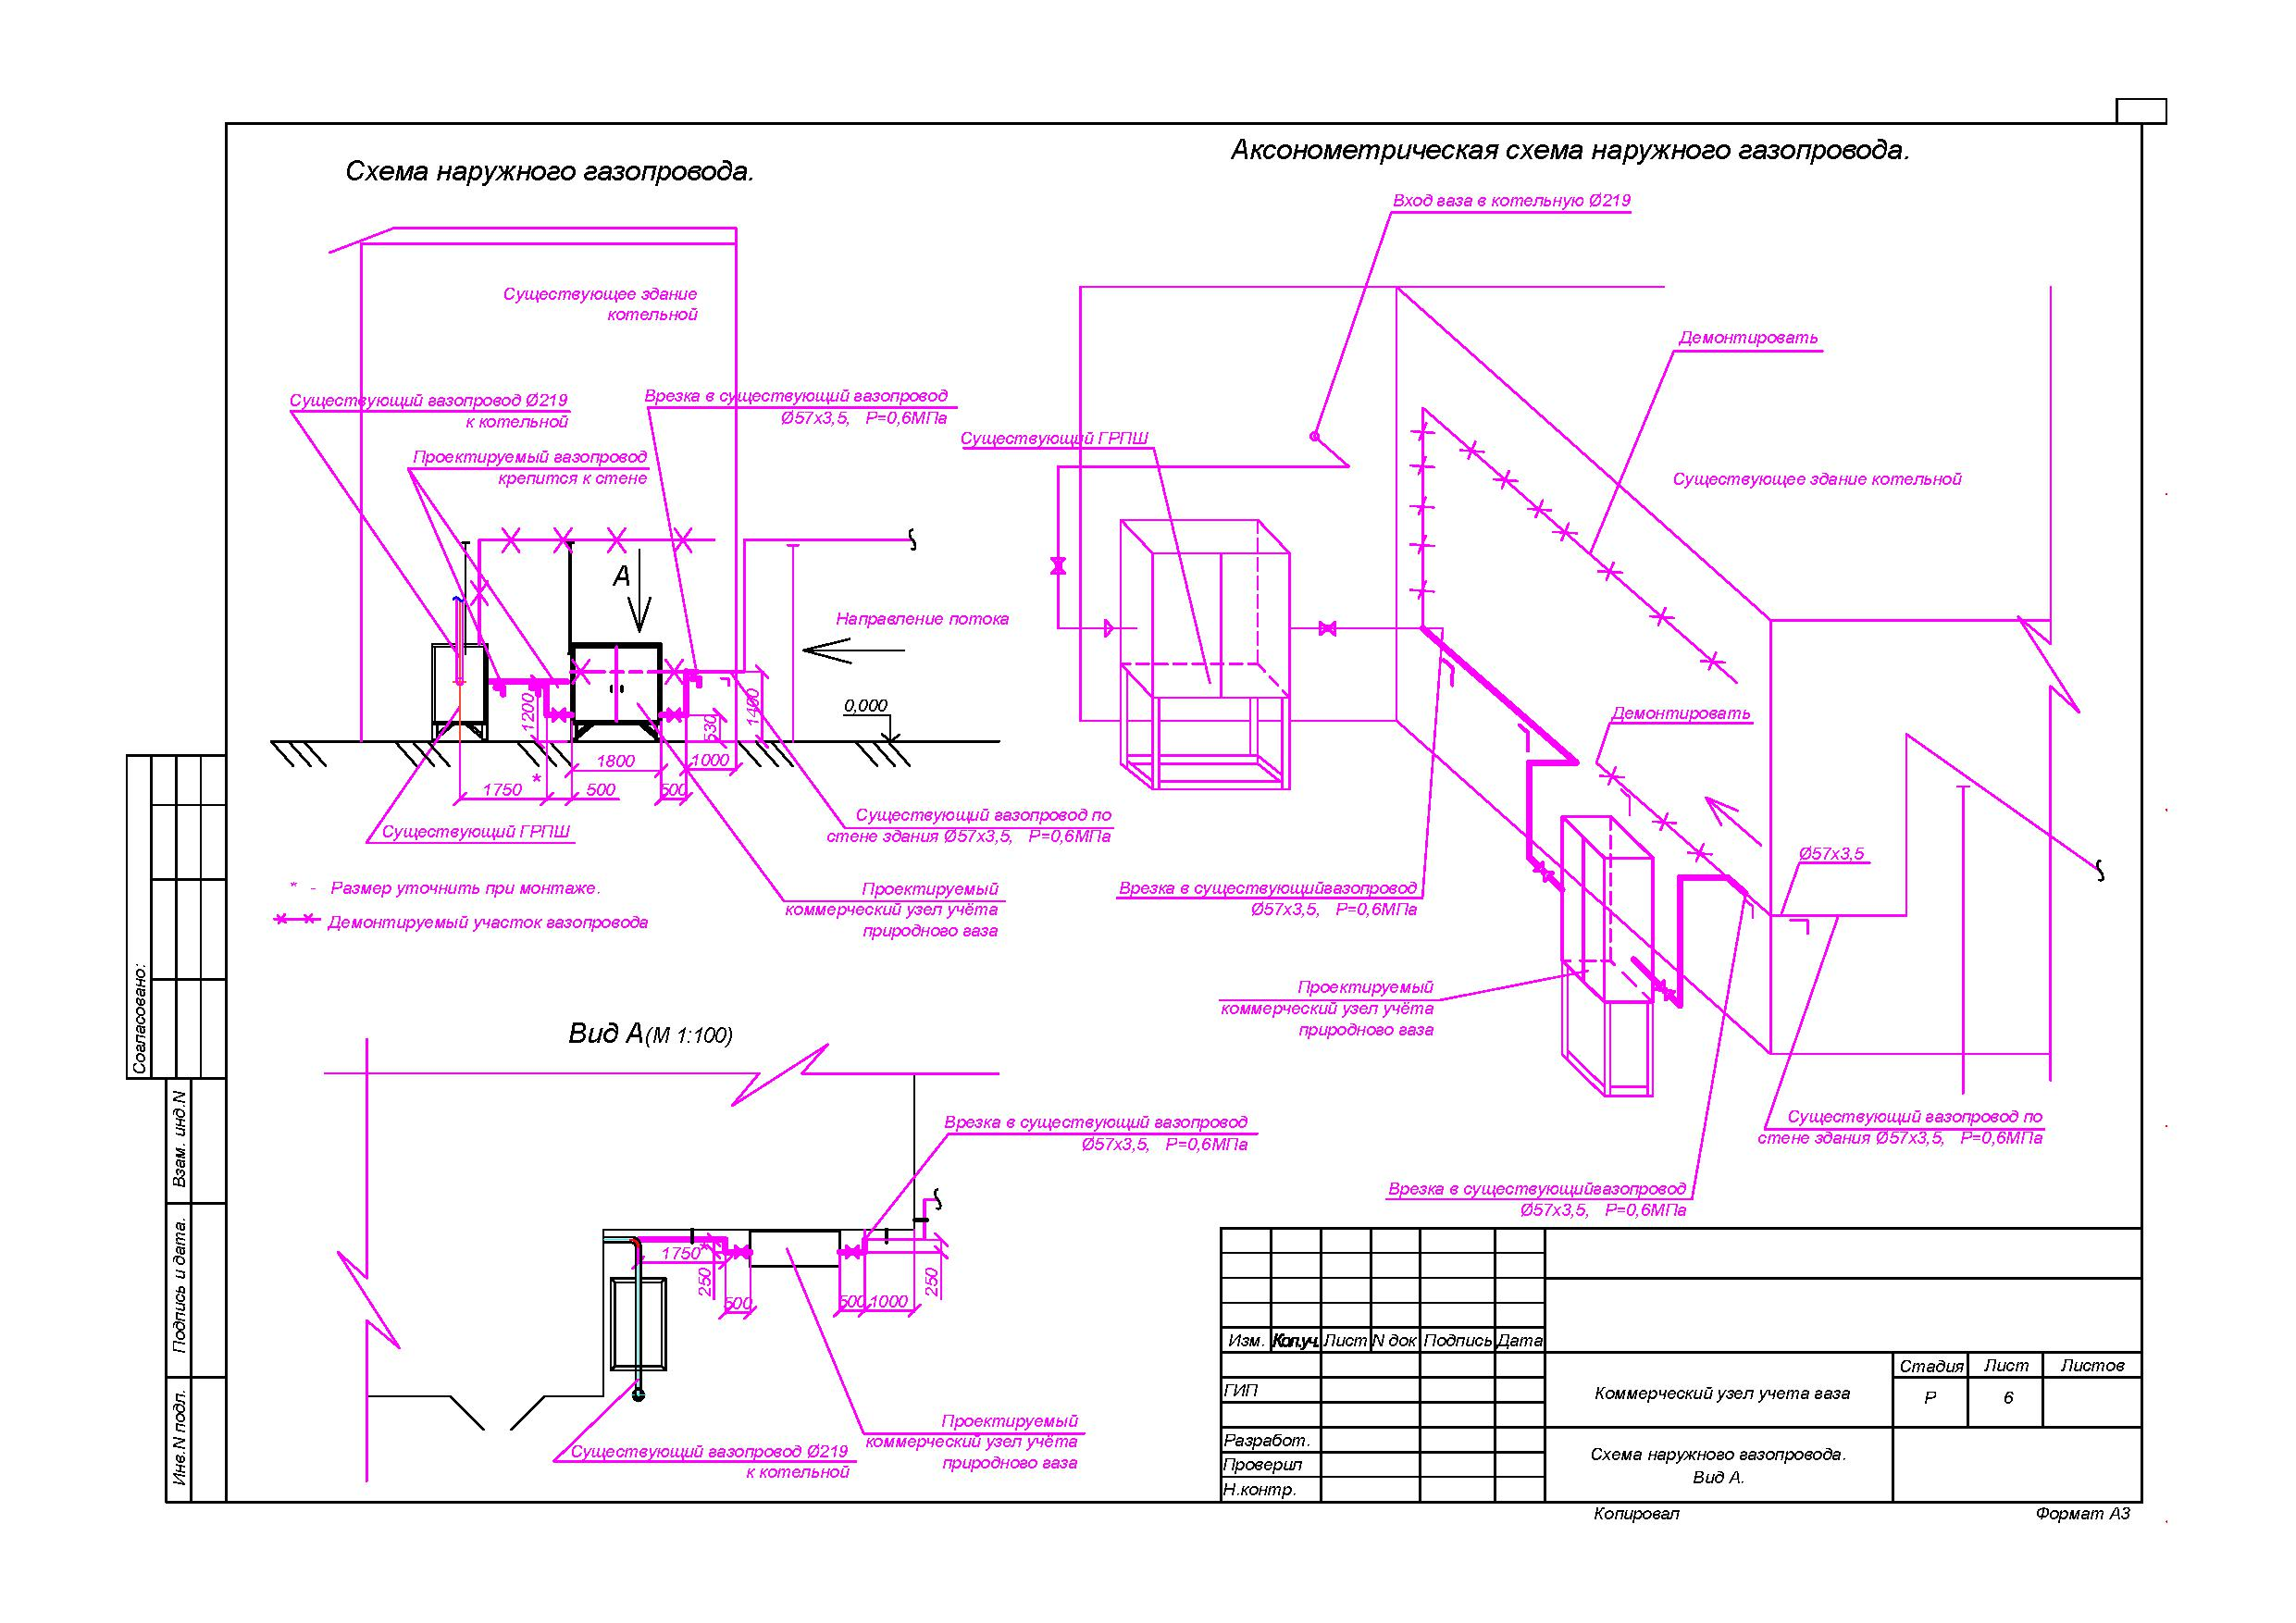 Сп 42-103-2003 проектирование и строительство газопроводов из полиэтиленовых труб и реконструкция изношенных газопроводов